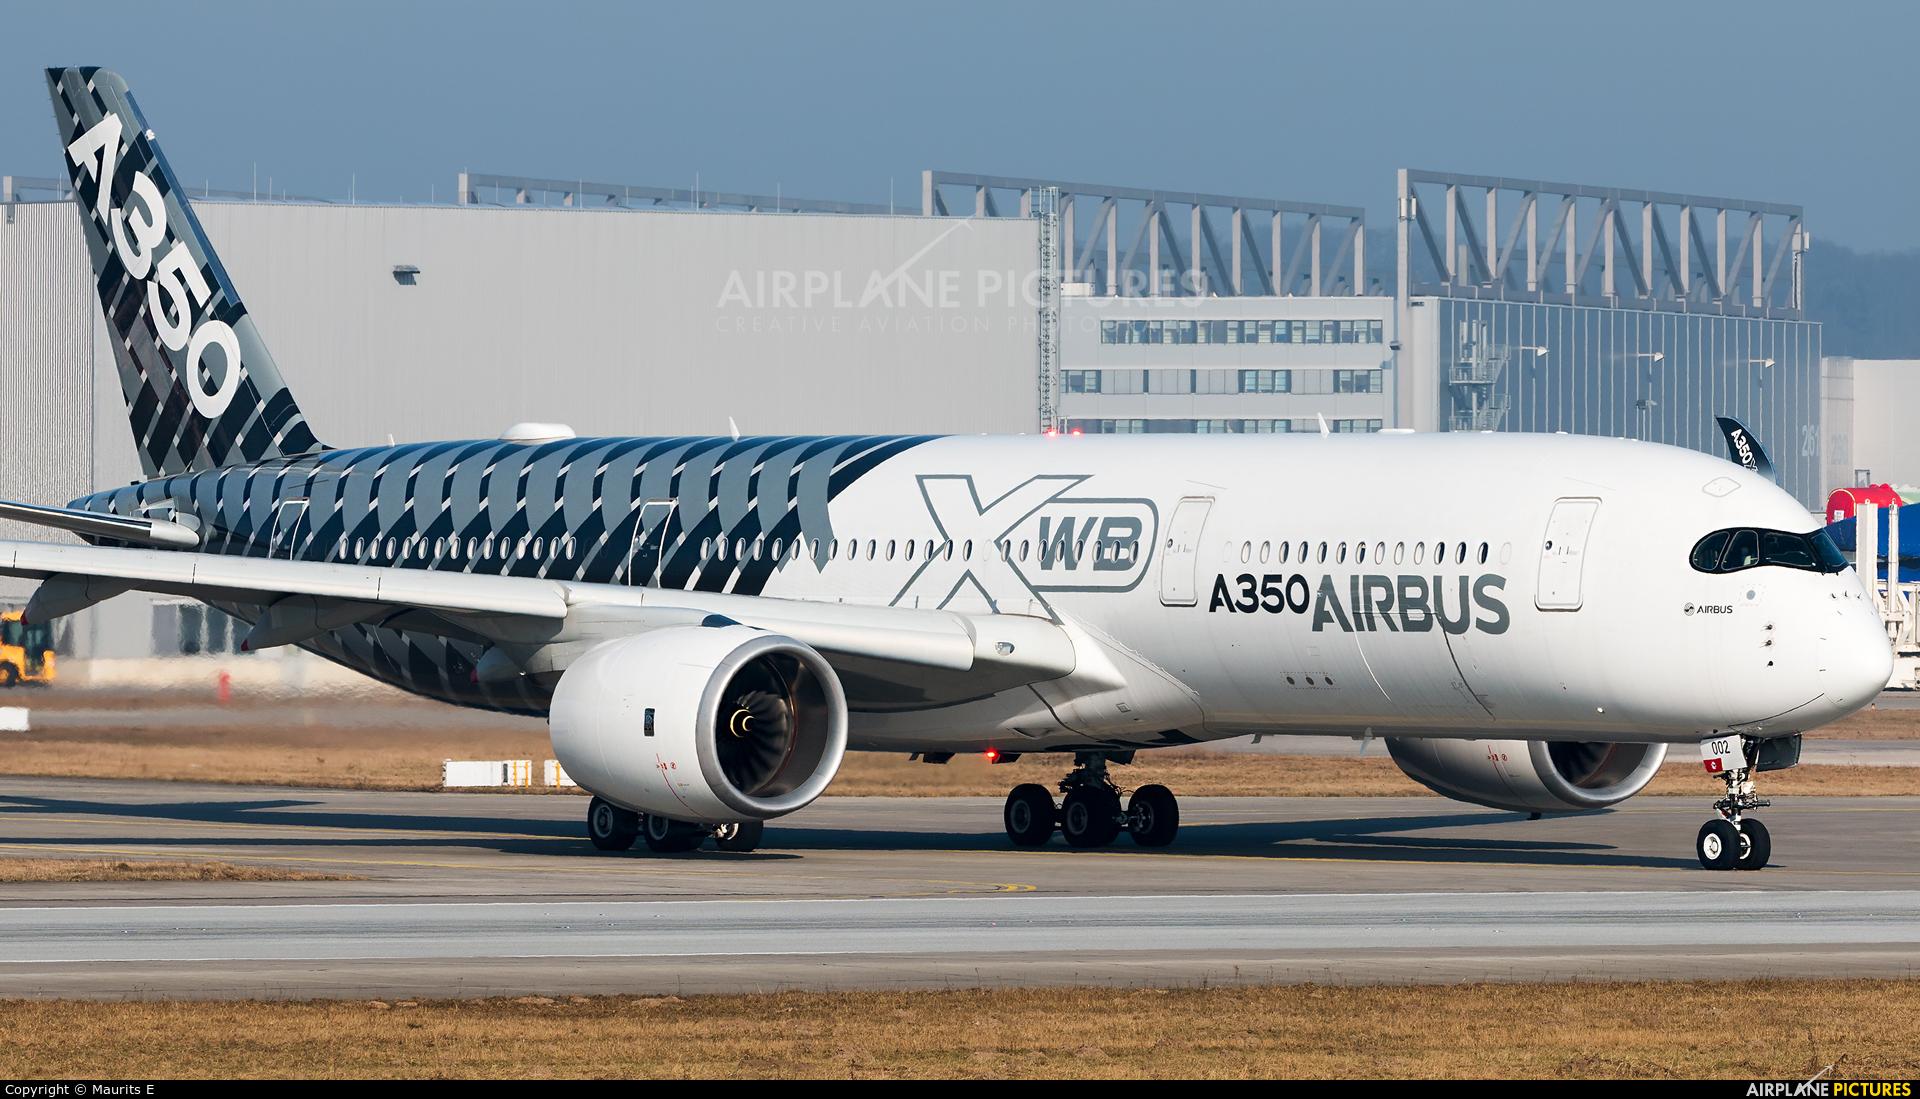 Airbus Industrie F-WWCF aircraft at Hamburg - Finkenwerder